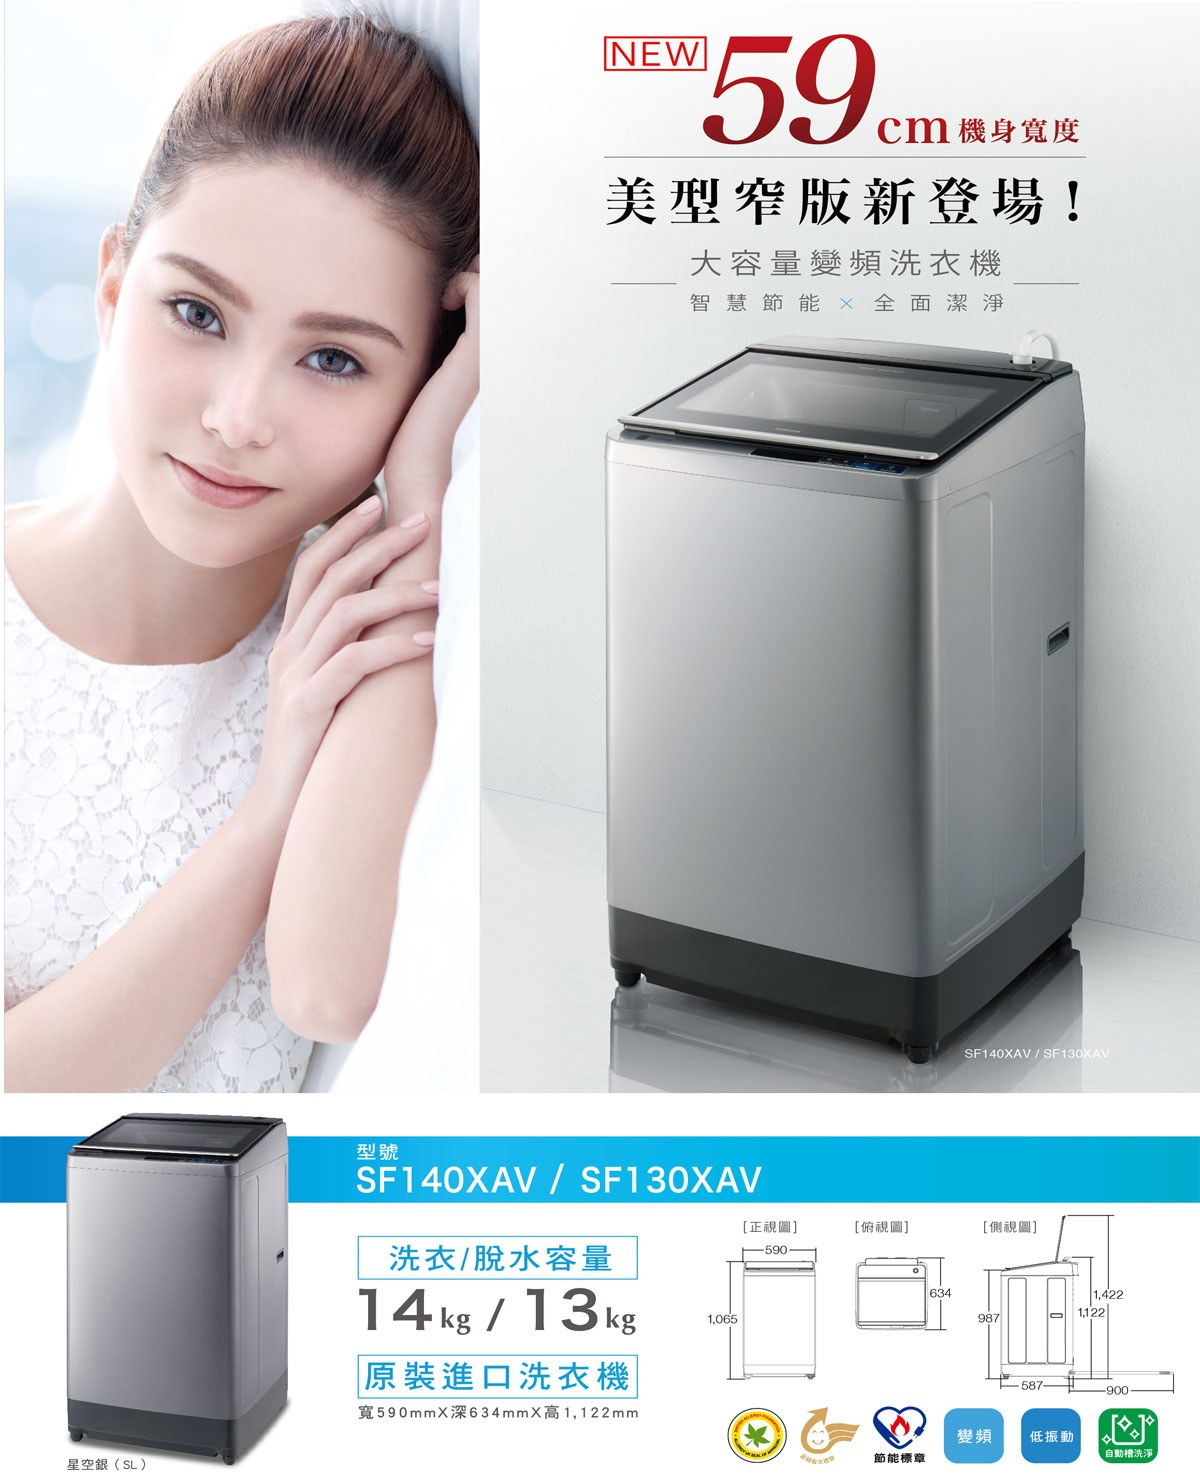 洗衣機SF130XAV(SL)星空銀(特定通路銷售)